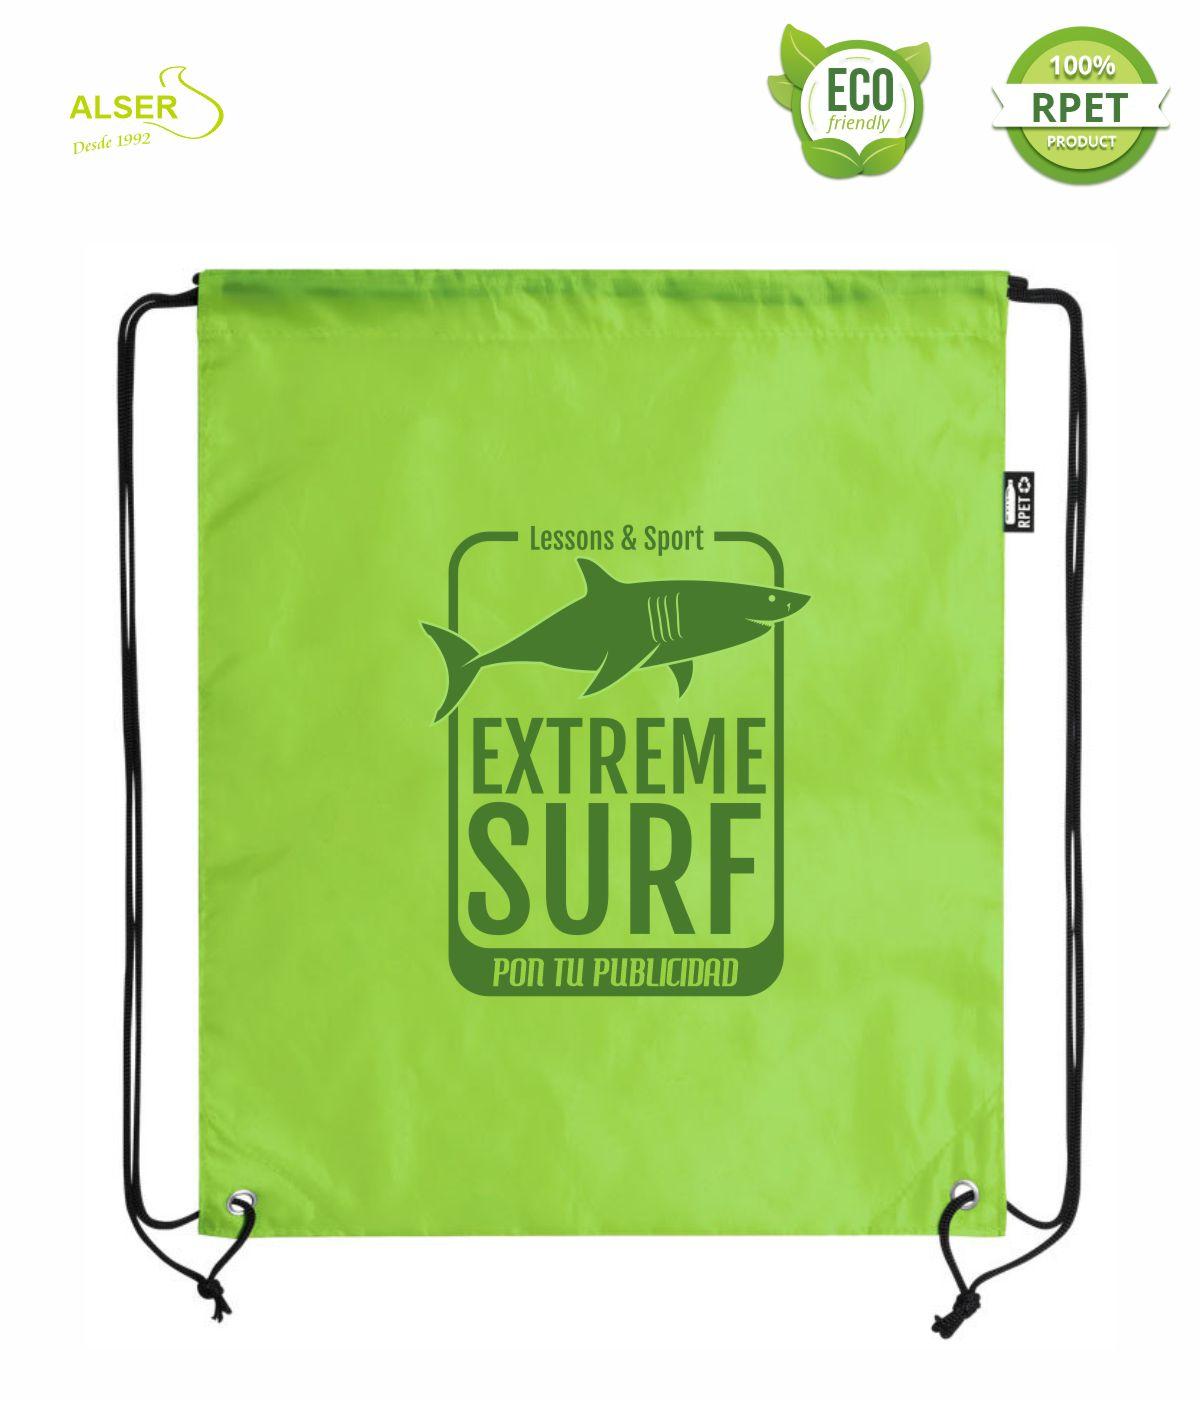 mochila saco rpet para publicidad verde